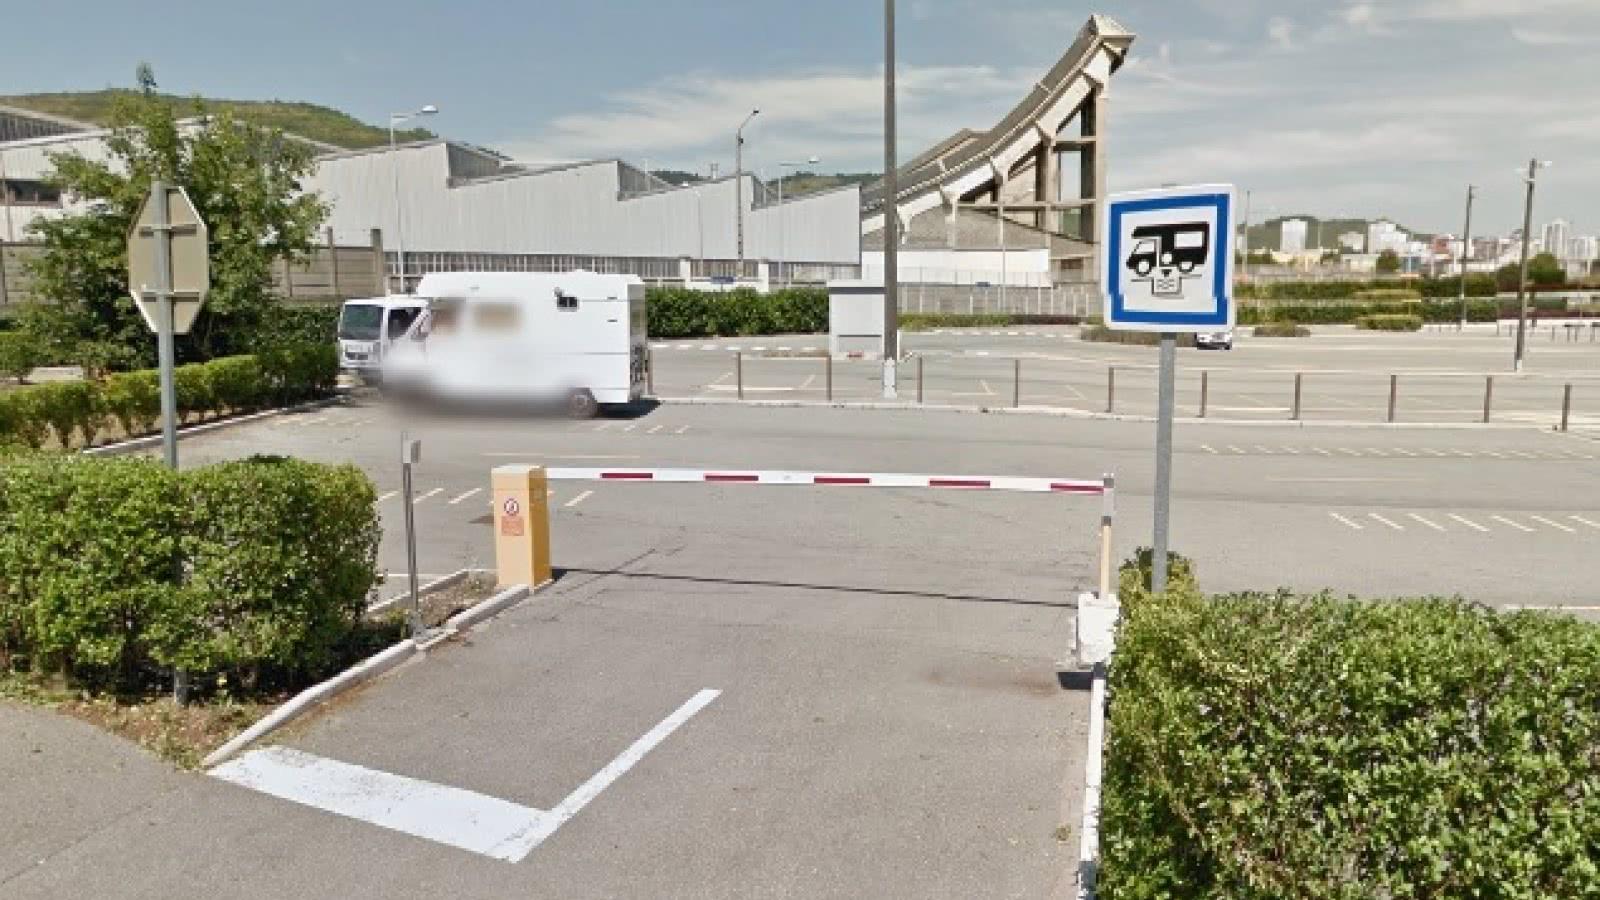 © Aire de services et de stationnement des pistes